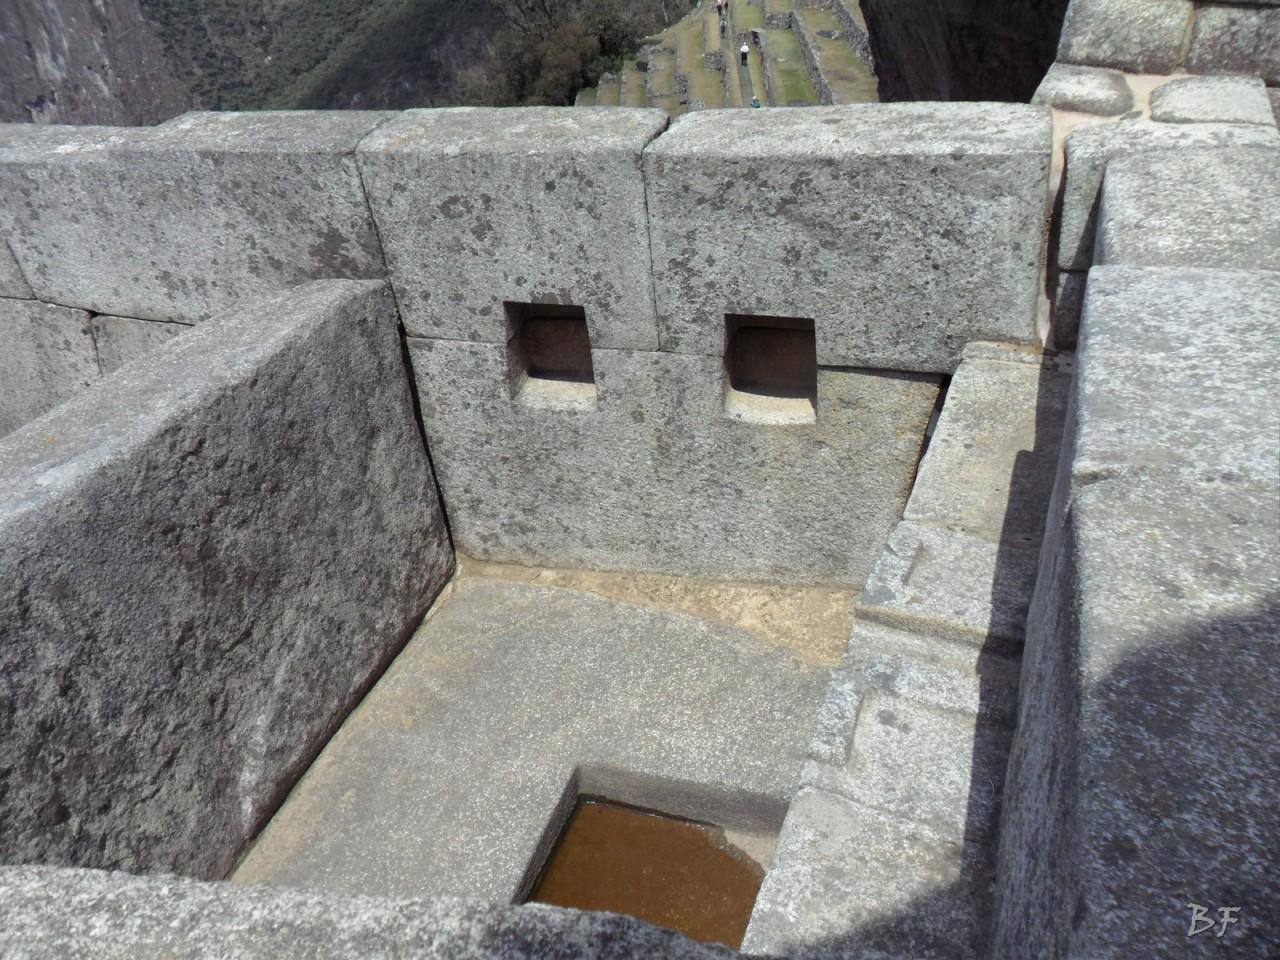 Mura-Poligonali-Incisioni-Altari-Edifici-Rupestri-Megaliti-Machu-Picchu-Aguas-Calientes-Urubamba-Cusco-Perù-156